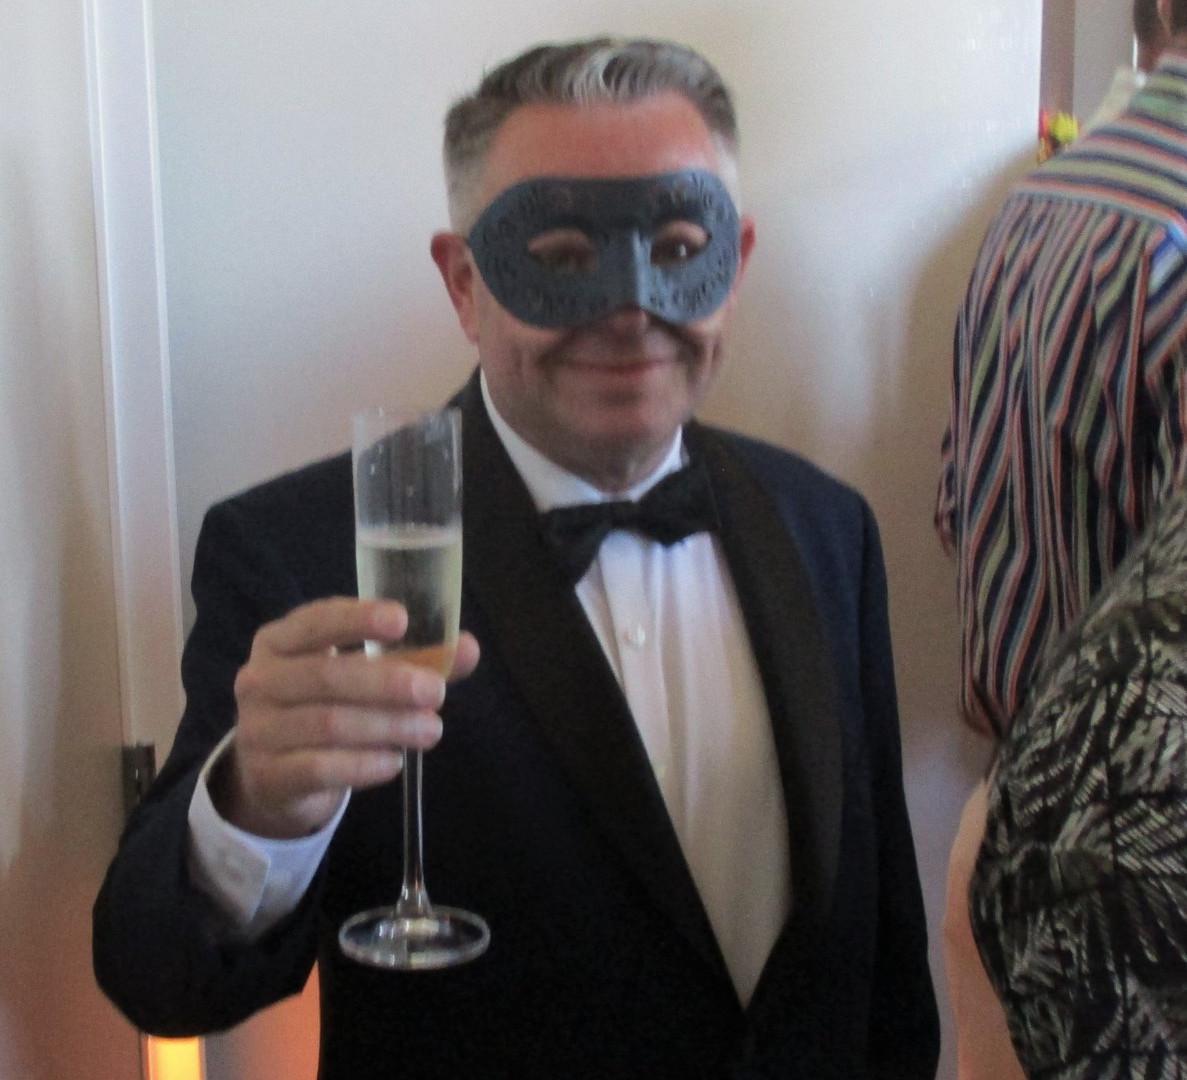 Masquerade Ball - Bill in Tuxedo.jpg